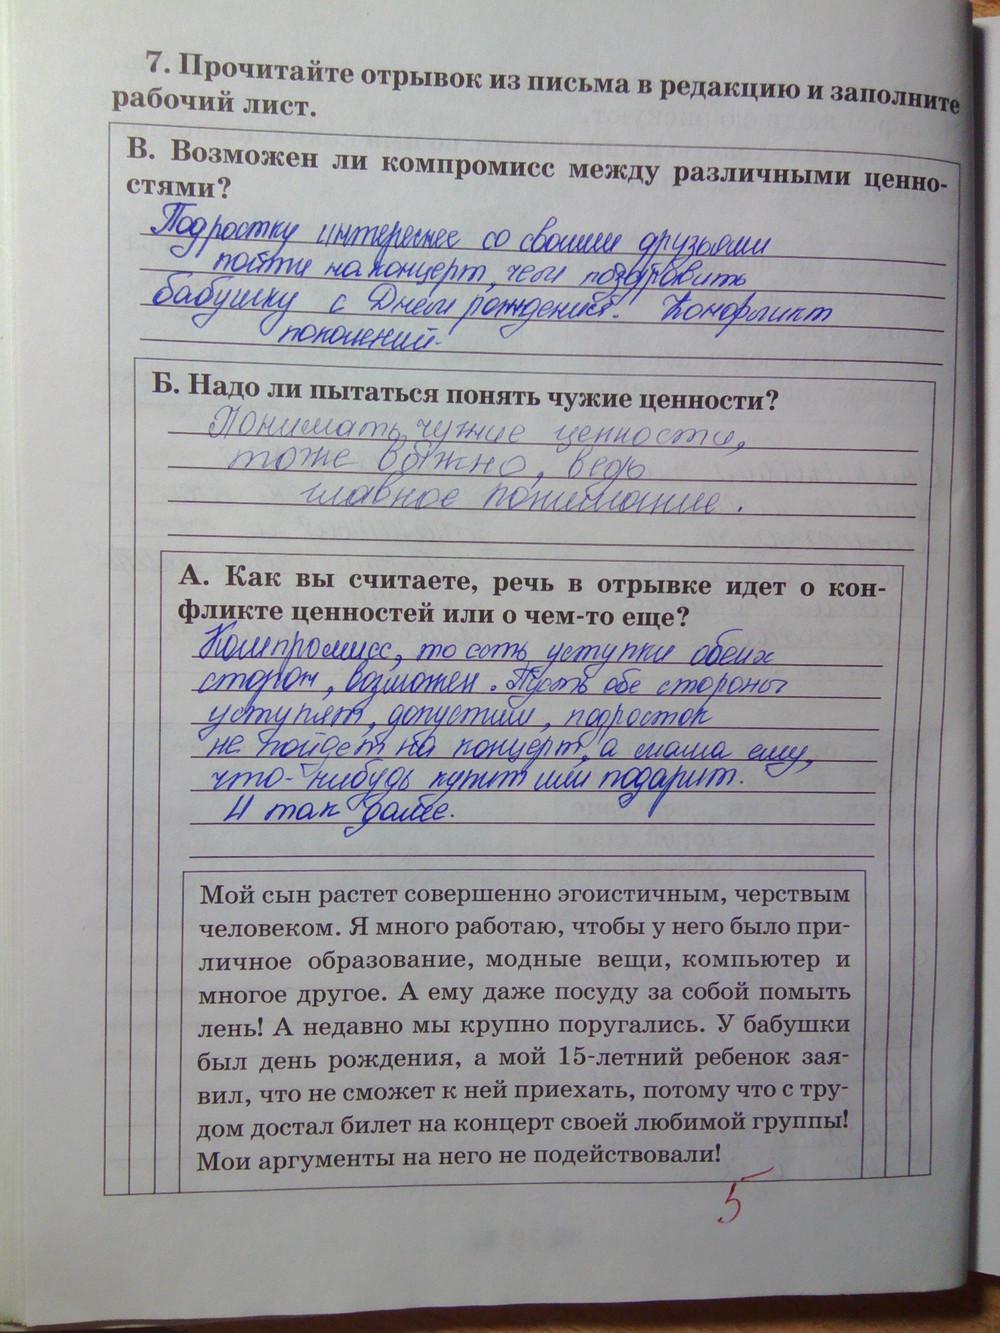 Рабочая 6 по кравченко гдз тетрадь учебник певцова обществознанию и класс